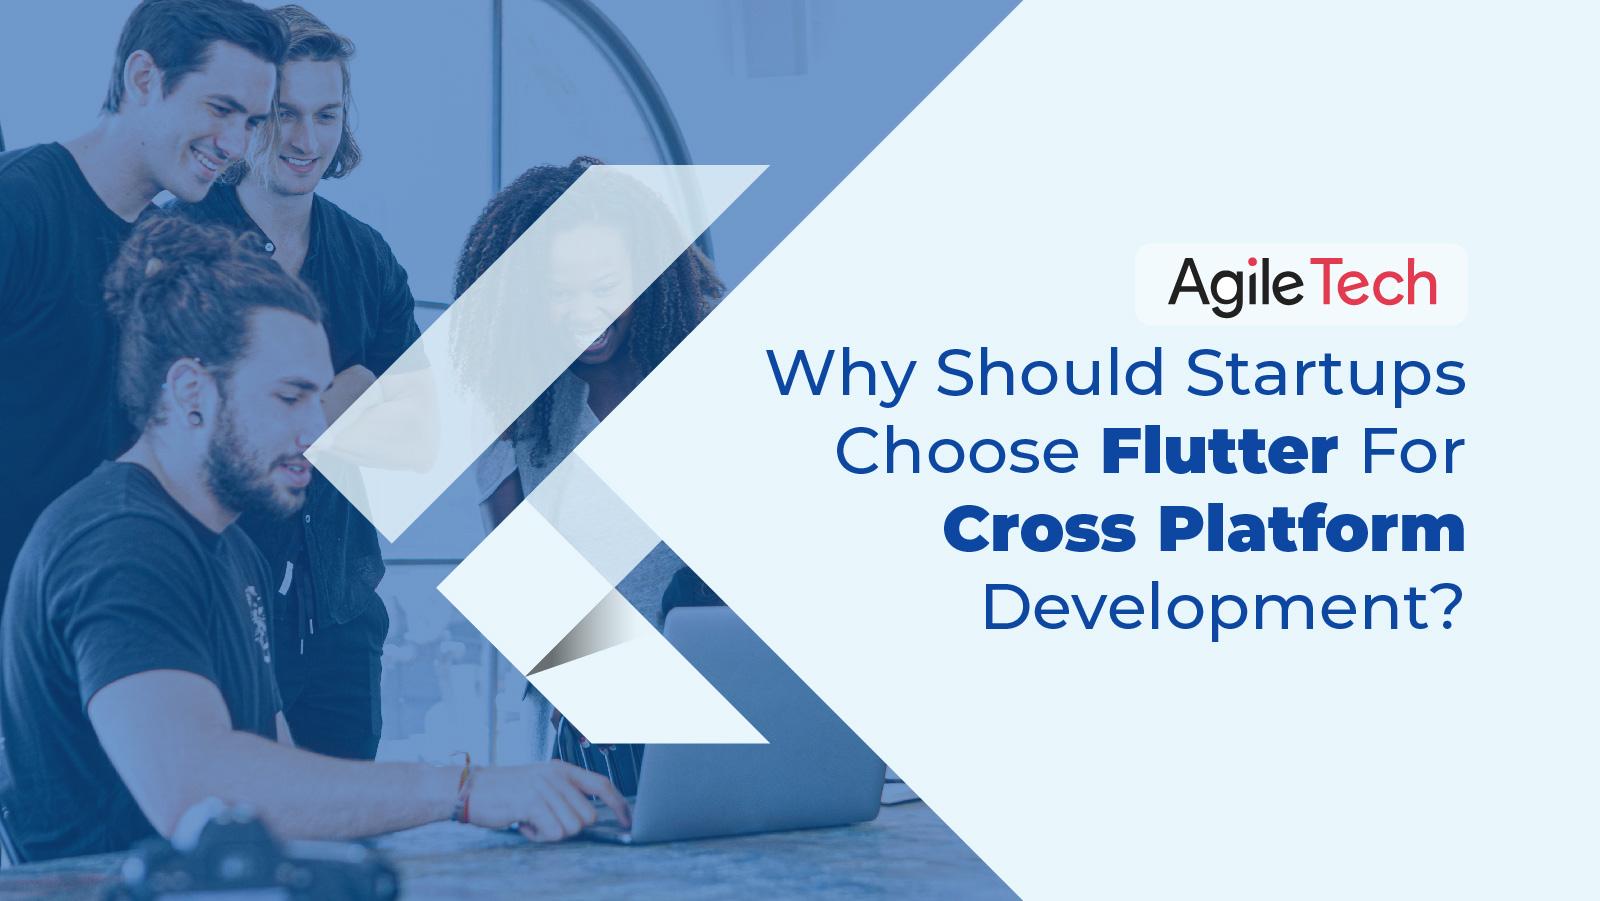 google software development kid, flutter app development, startups should choose flutter for cross platform development, agiletech